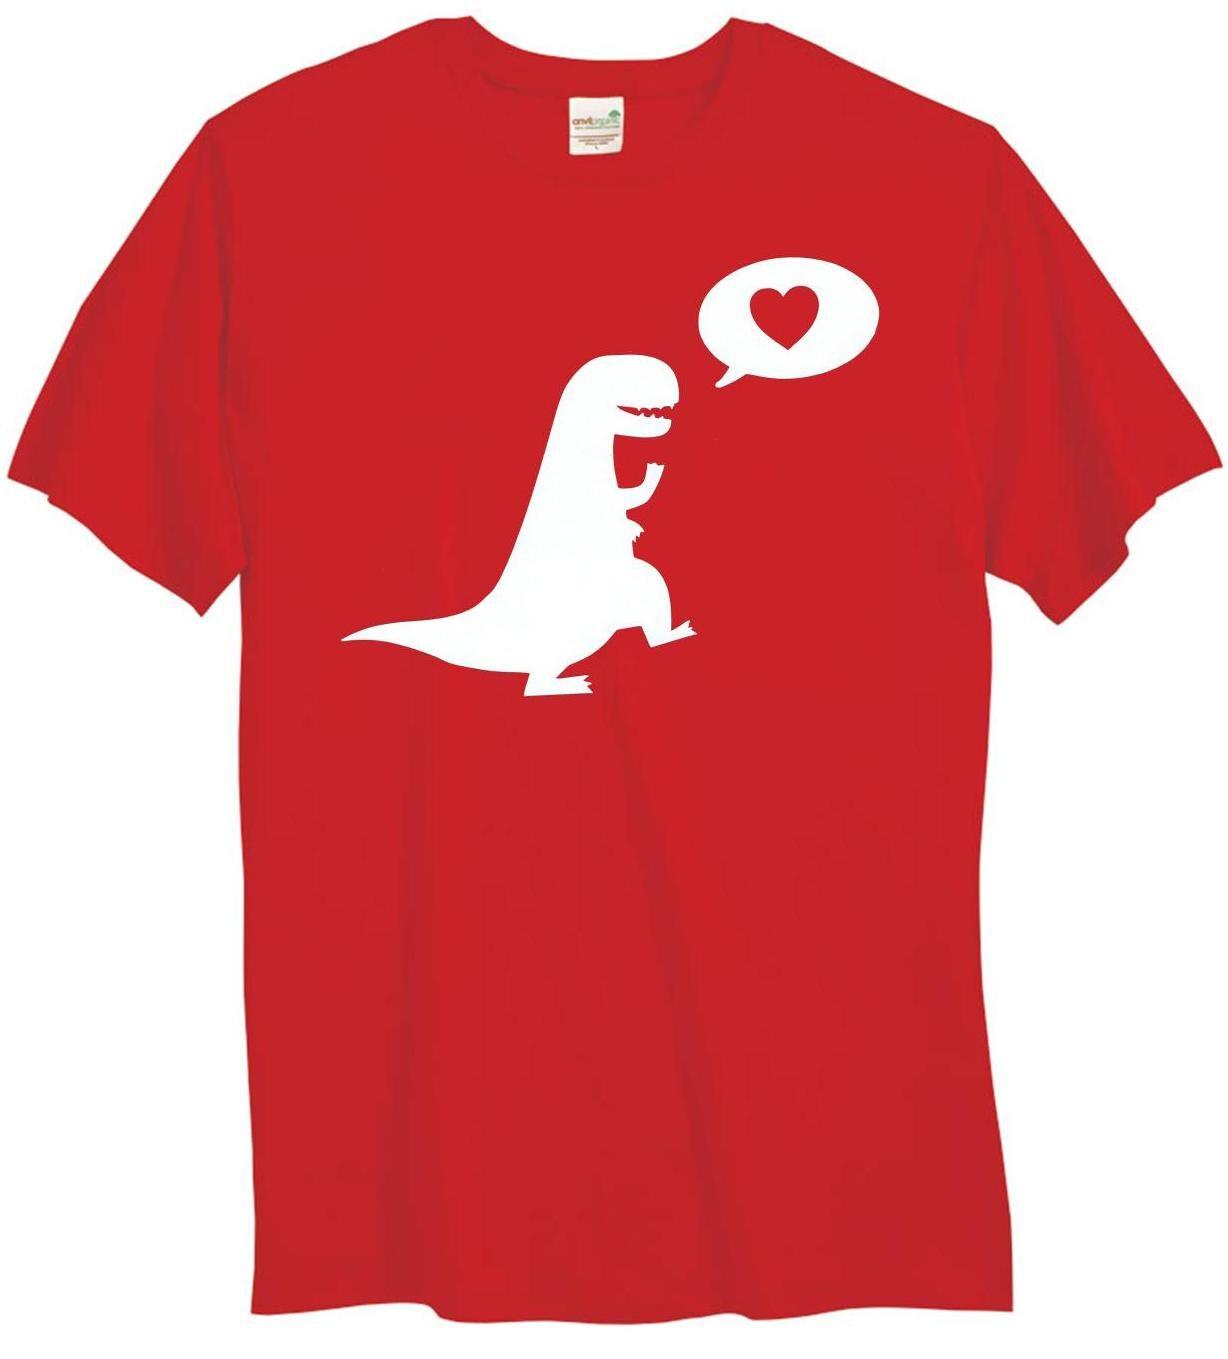 Luvosaurus Valentine's Day Toddler Tshirt